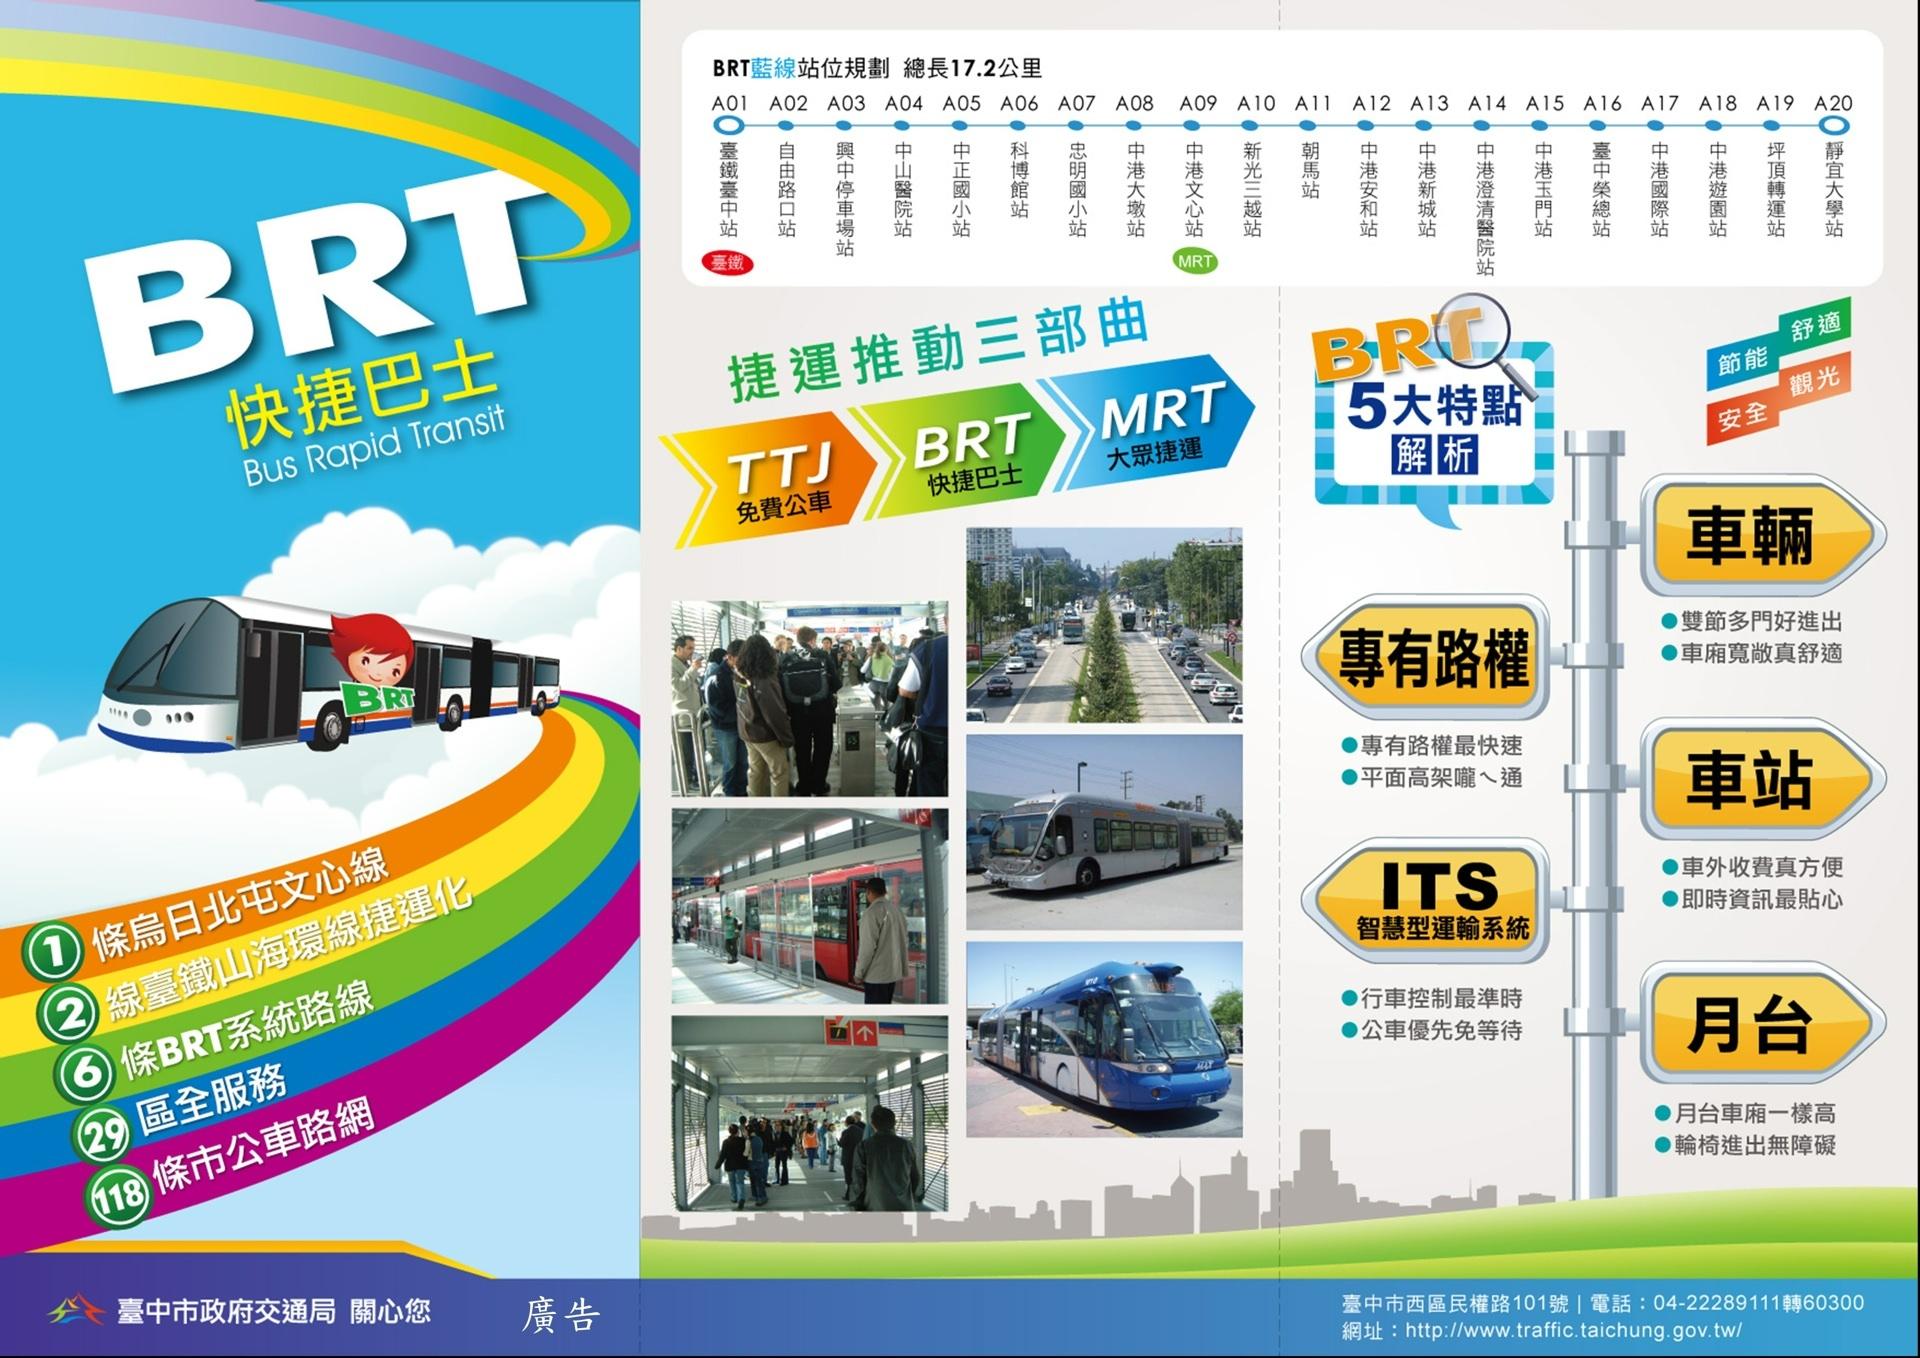 BRT摺頁01